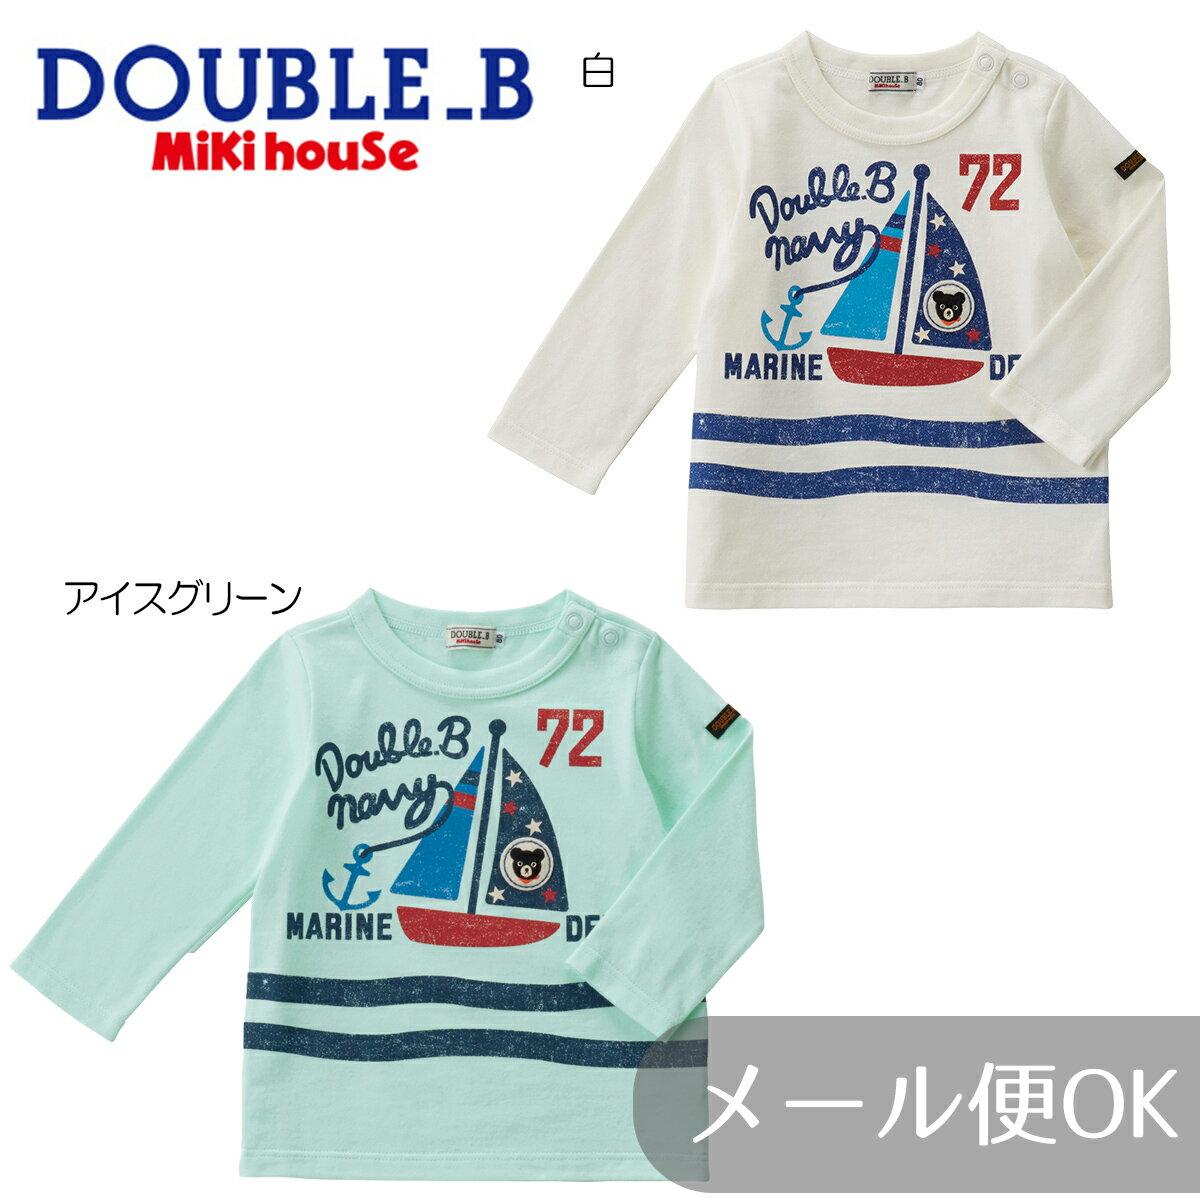 【セール30%OFF】【メール便OK】【DOUBLE B ダブルビー】ヨット柄長袖Tシャツ(140cm・150cm)ミキハウス